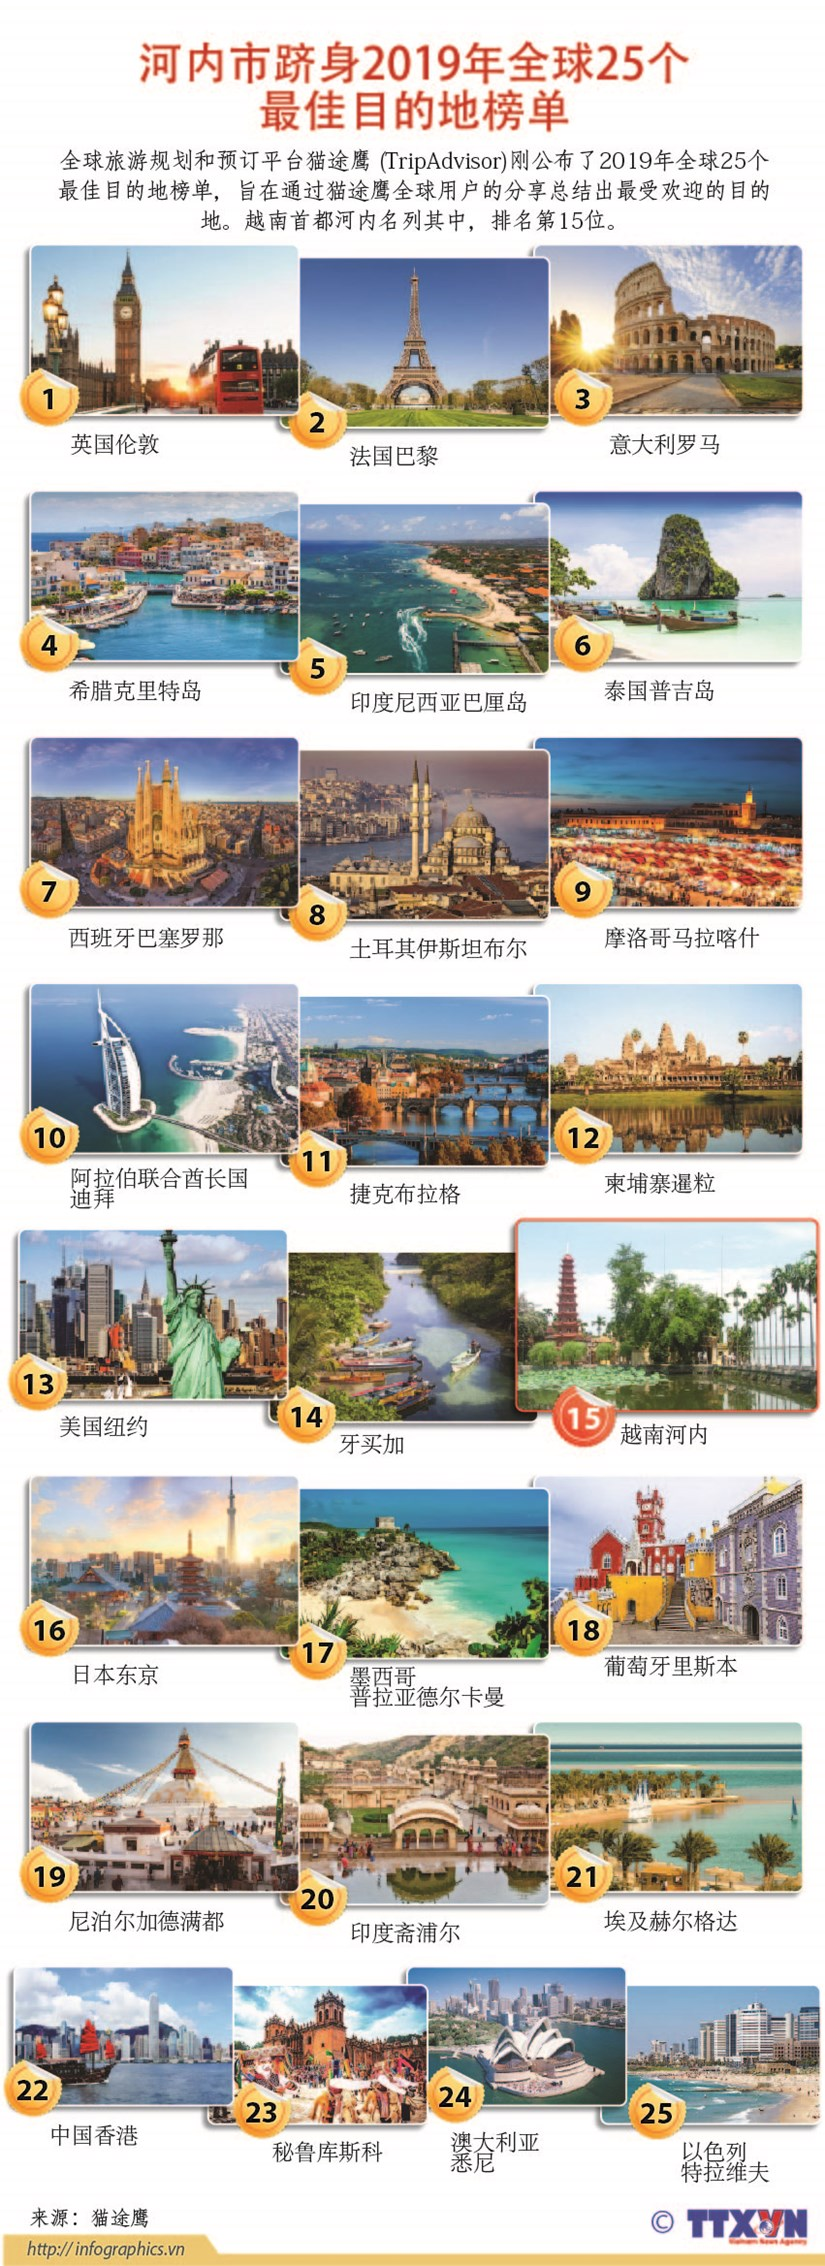 图表新闻:河内市跻身2019年全球25个最佳目的地榜单 hinh anh 1